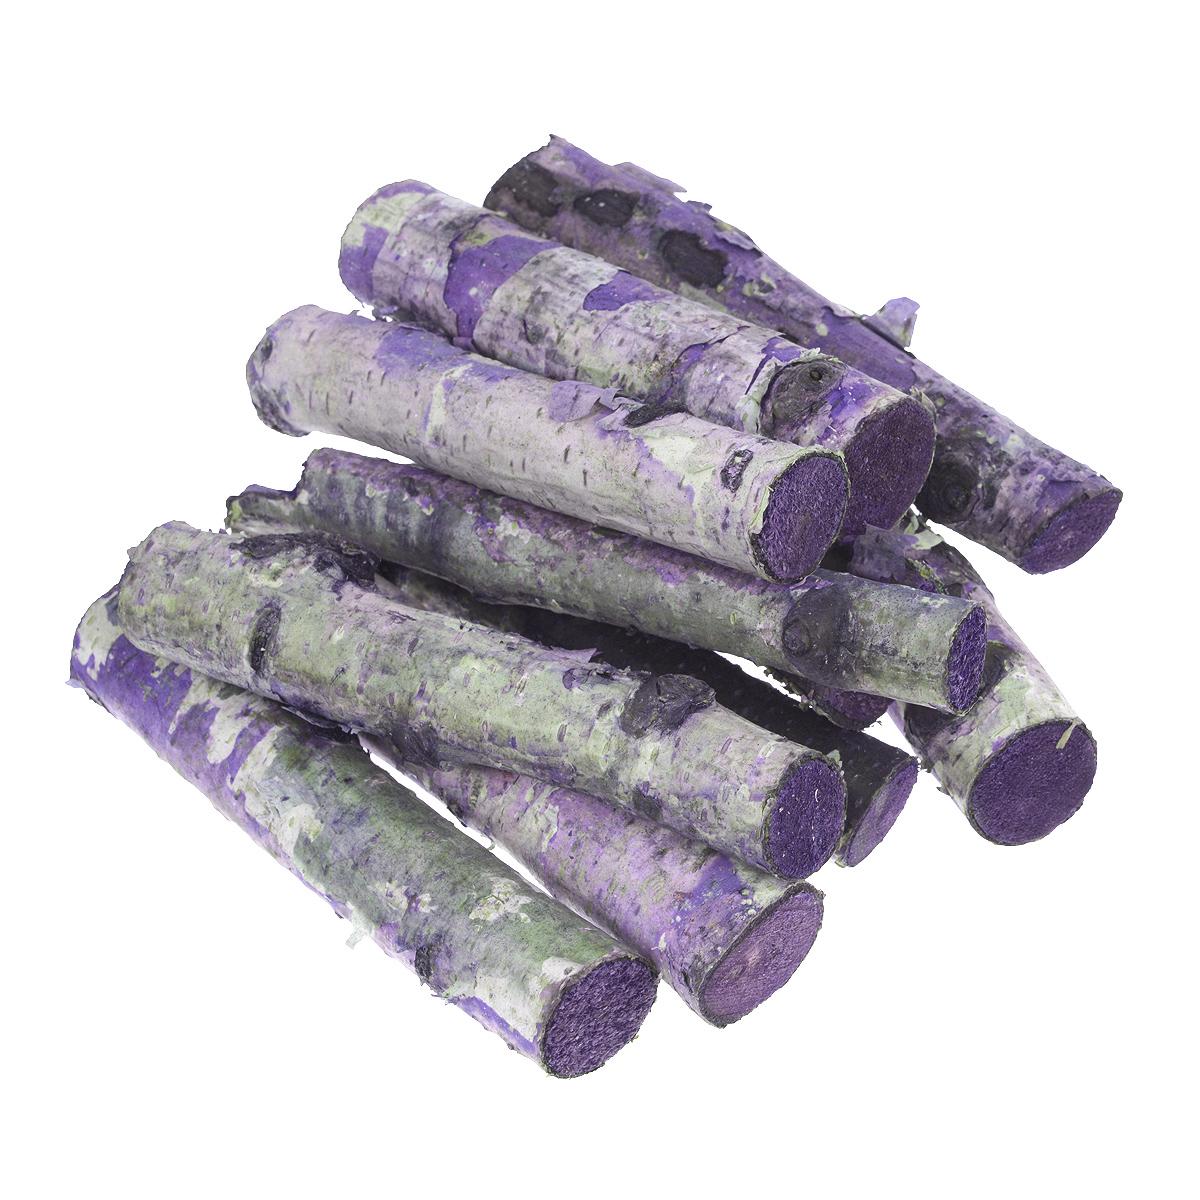 Декоративные элементы Dongjiang Art, цвет: фиолетовый, длина 10 см, 250 г4610009210520Декоративные элементы Dongjiang Art представляют собой ветки деревьев и предназначены для украшения цветочных композиций. Такие элементы могут пригодиться во флористике и многом другом.Флористика - вид декоративно-прикладного искусства, который использует живые, засушенные или консервированные природные материалы для создания флористических работ. Это целый мир, в котором есть место и строгому математическому расчету, и вдохновению, полету фантазии. Длина ветки: 10 см. Диаметр ветки: 1,5 см; 2,2 см.